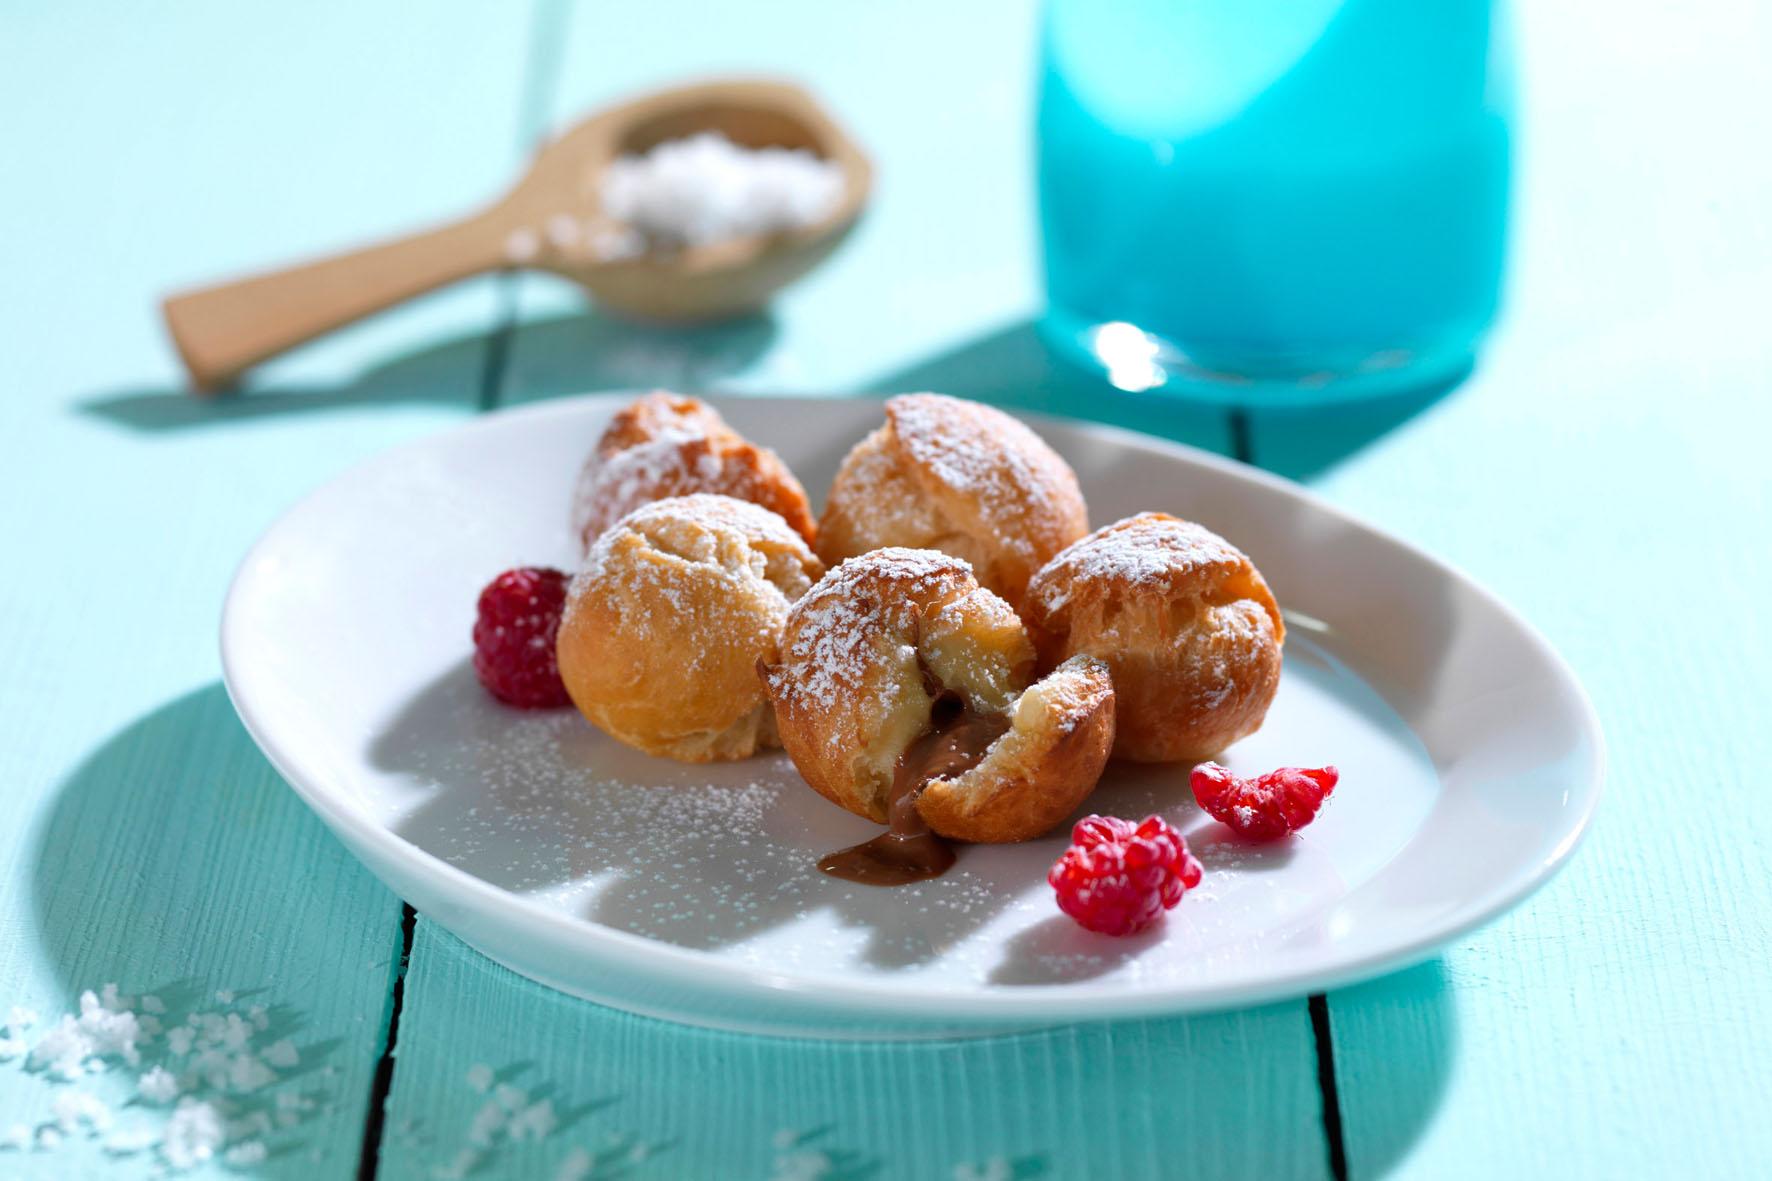 Salz ist ein natürlicher Geschmacksverstärker: ein guter Grund, auch bei Süßspeisen eine Prise Salz zu verwenden.